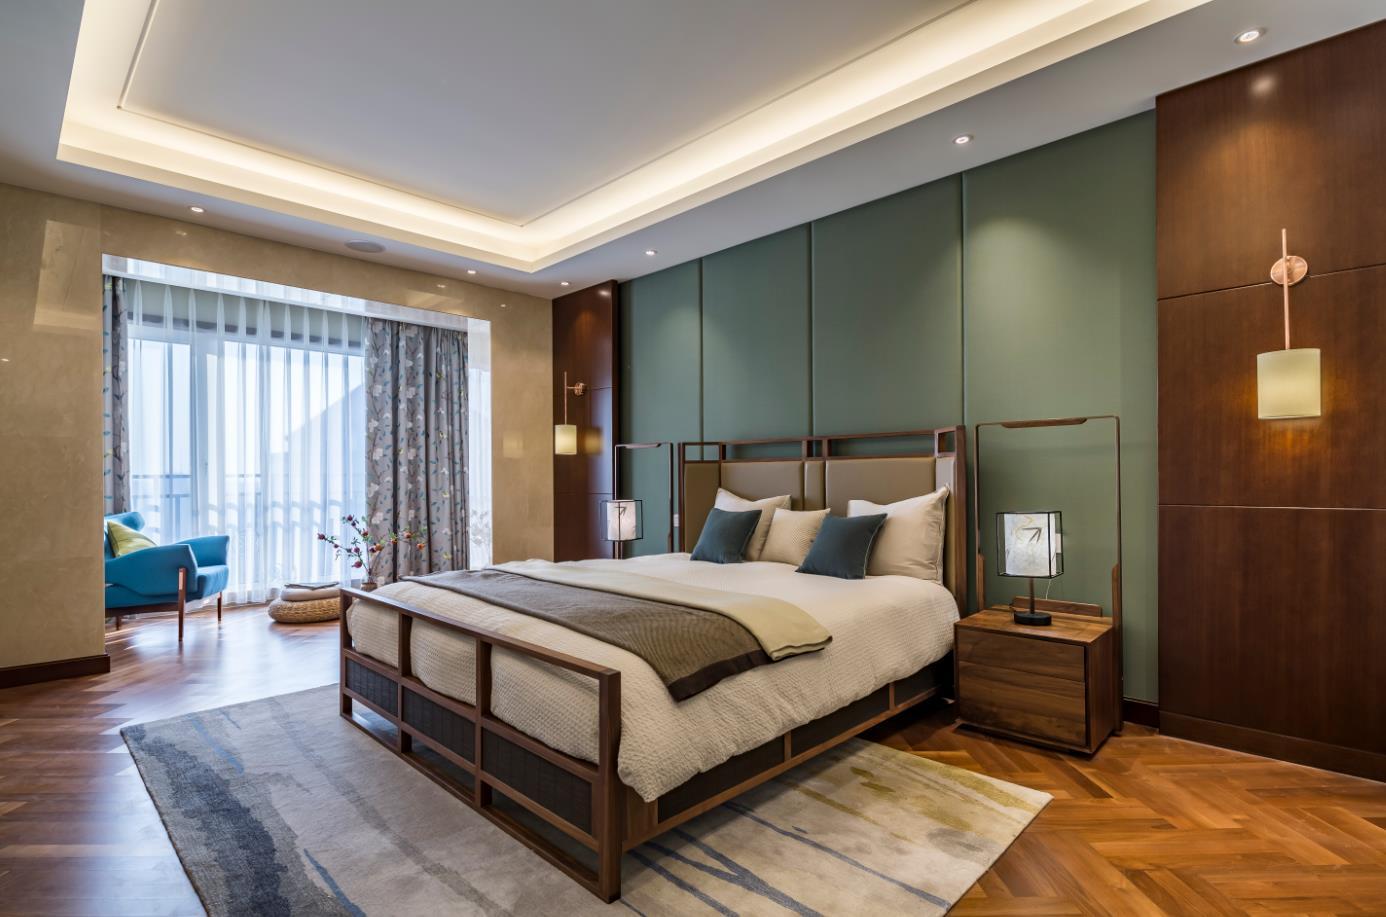 北京申远 申远空间 别墅装修 别墅 卧室图片来自申远空间设计北京分公司在北京申远空间设计-新中式的分享